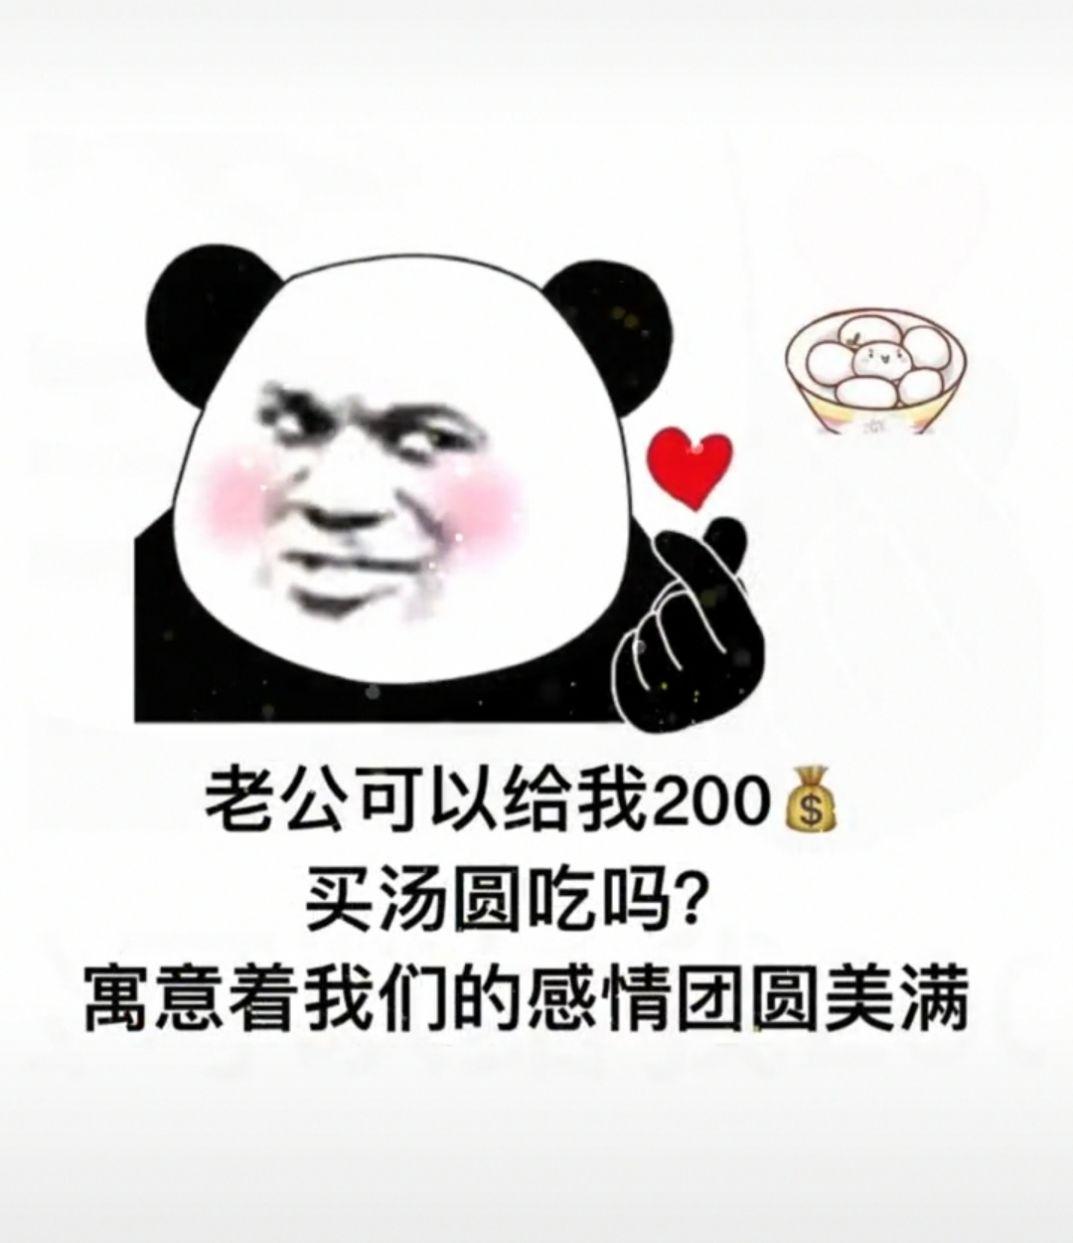 老公可以给我200买汤圆吃吗表情包图1